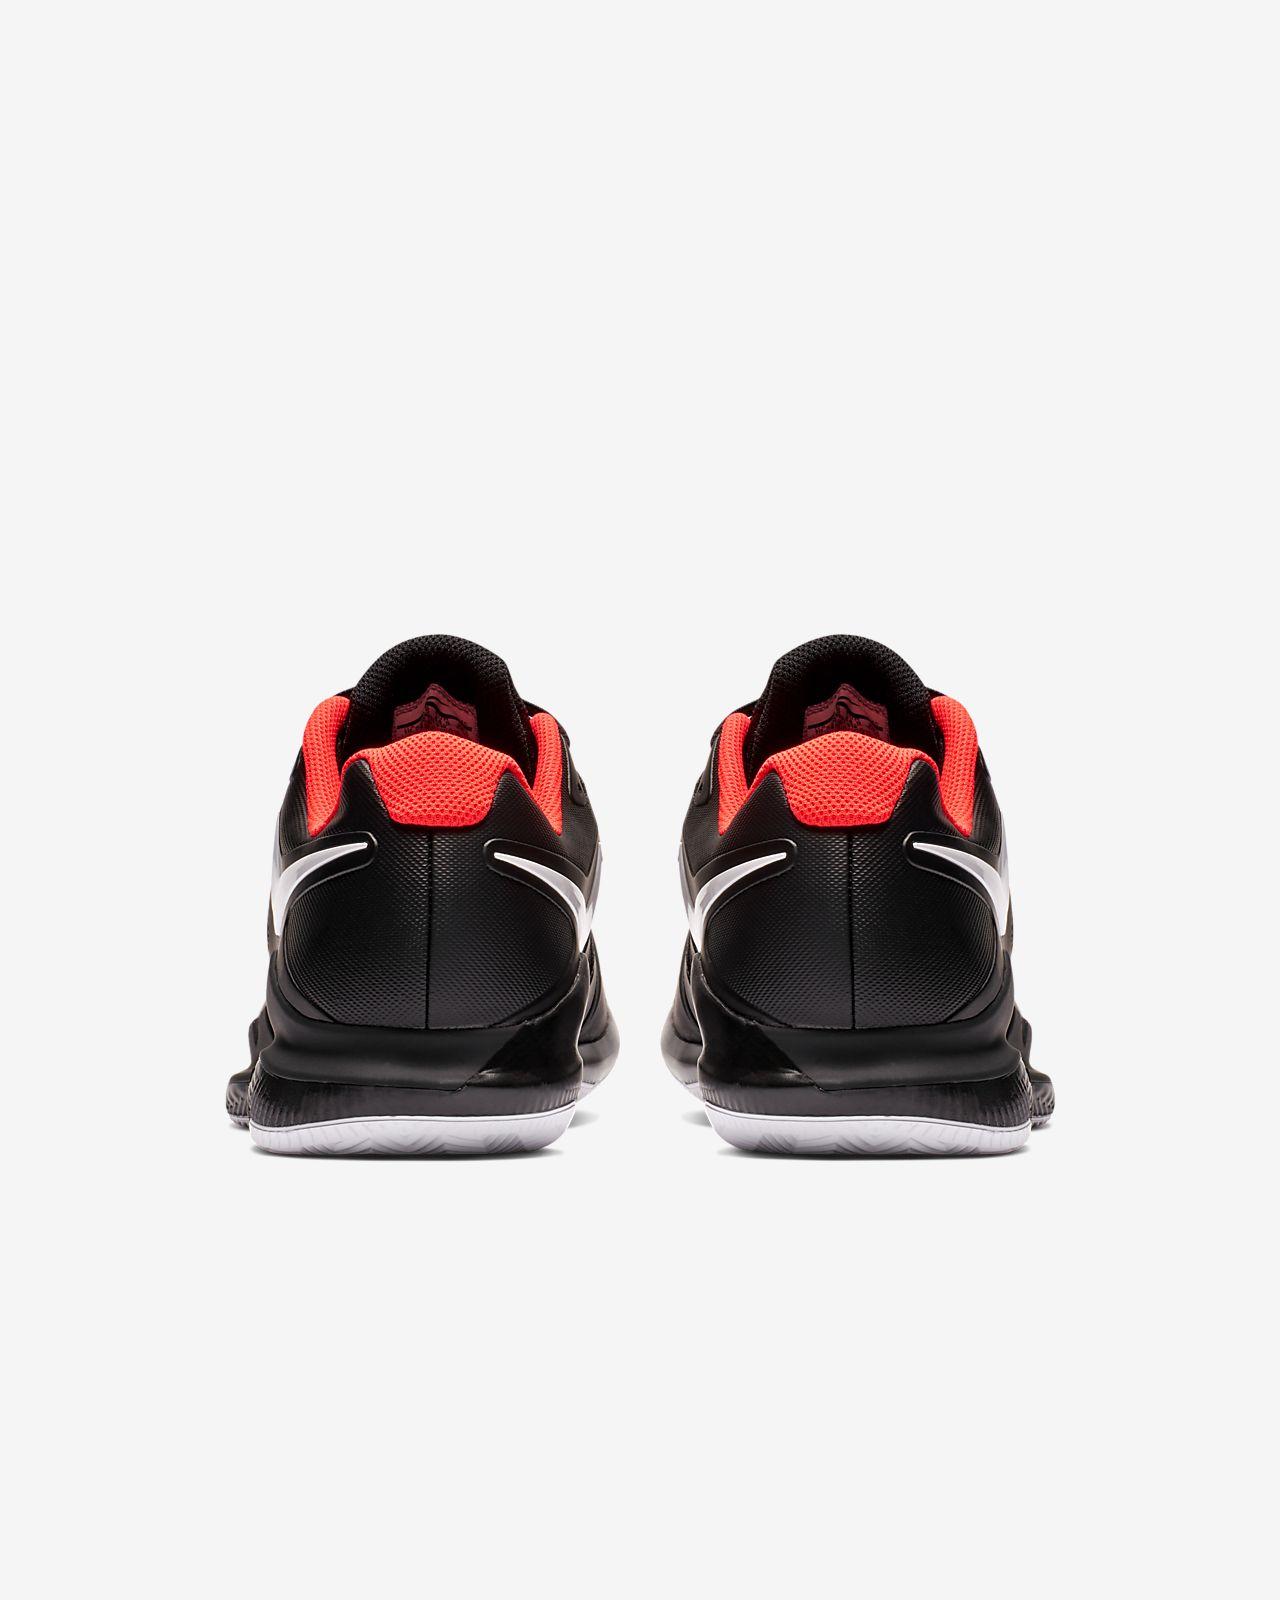 4c6c5e29a9 Calzado de tenis para hombre Nike Air Zoom Vapor X Clay. Nike.com CL